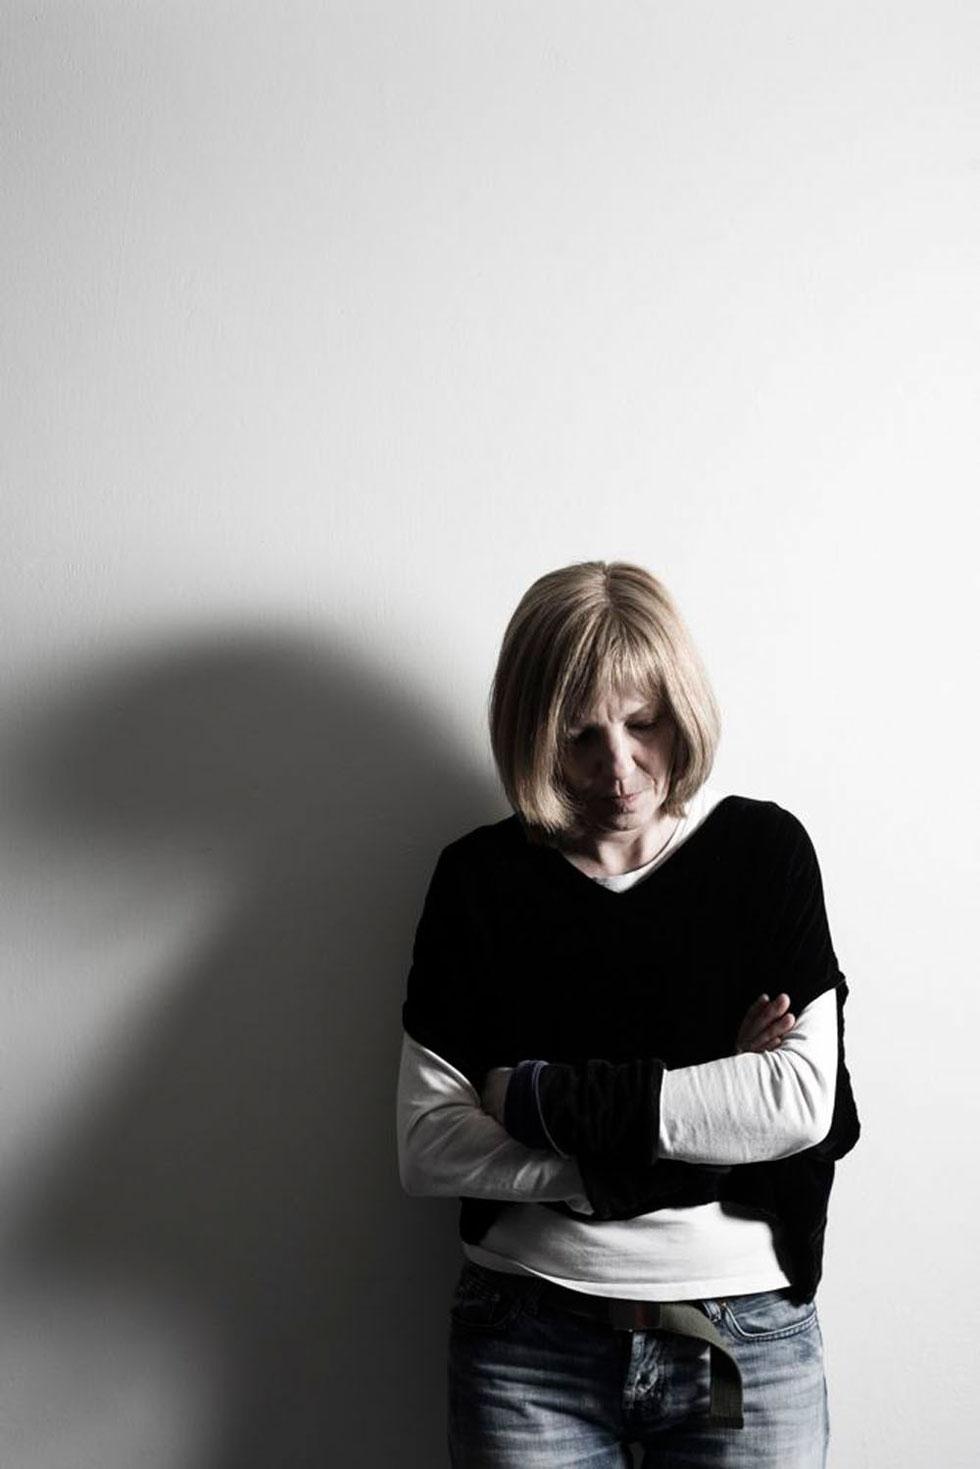 Sabine Hammacher (c) Christian Geisler